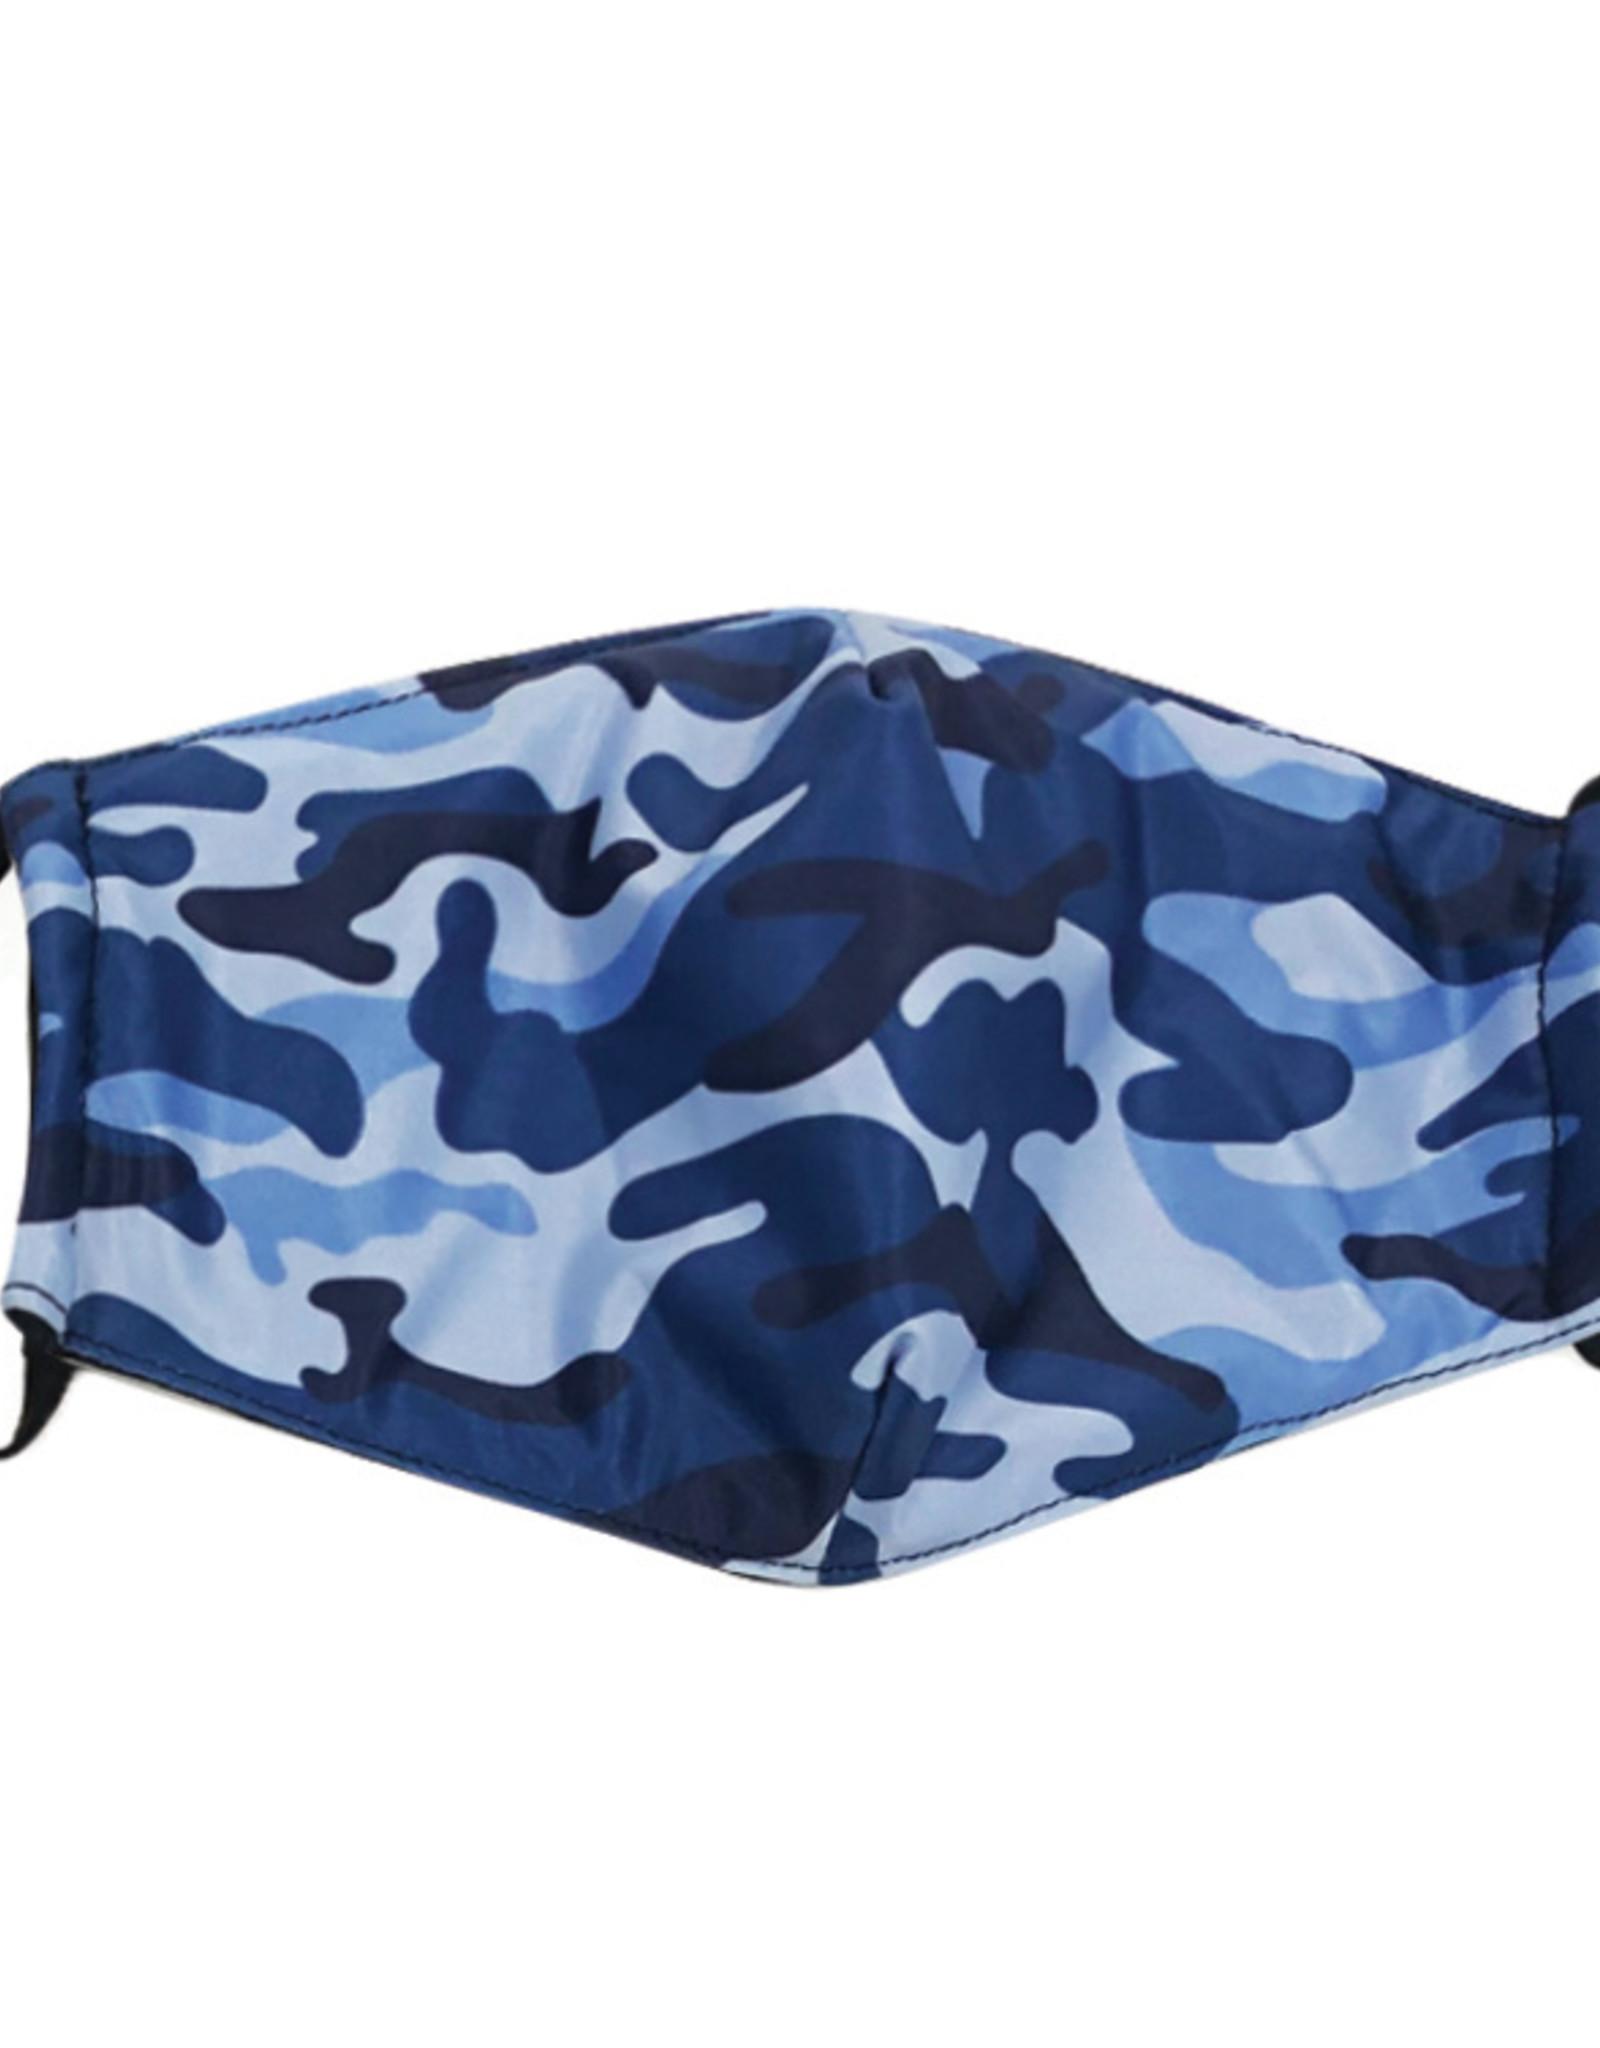 DM Merchandising Cotton Face Masks - Adjustable Straps - Blue Camo